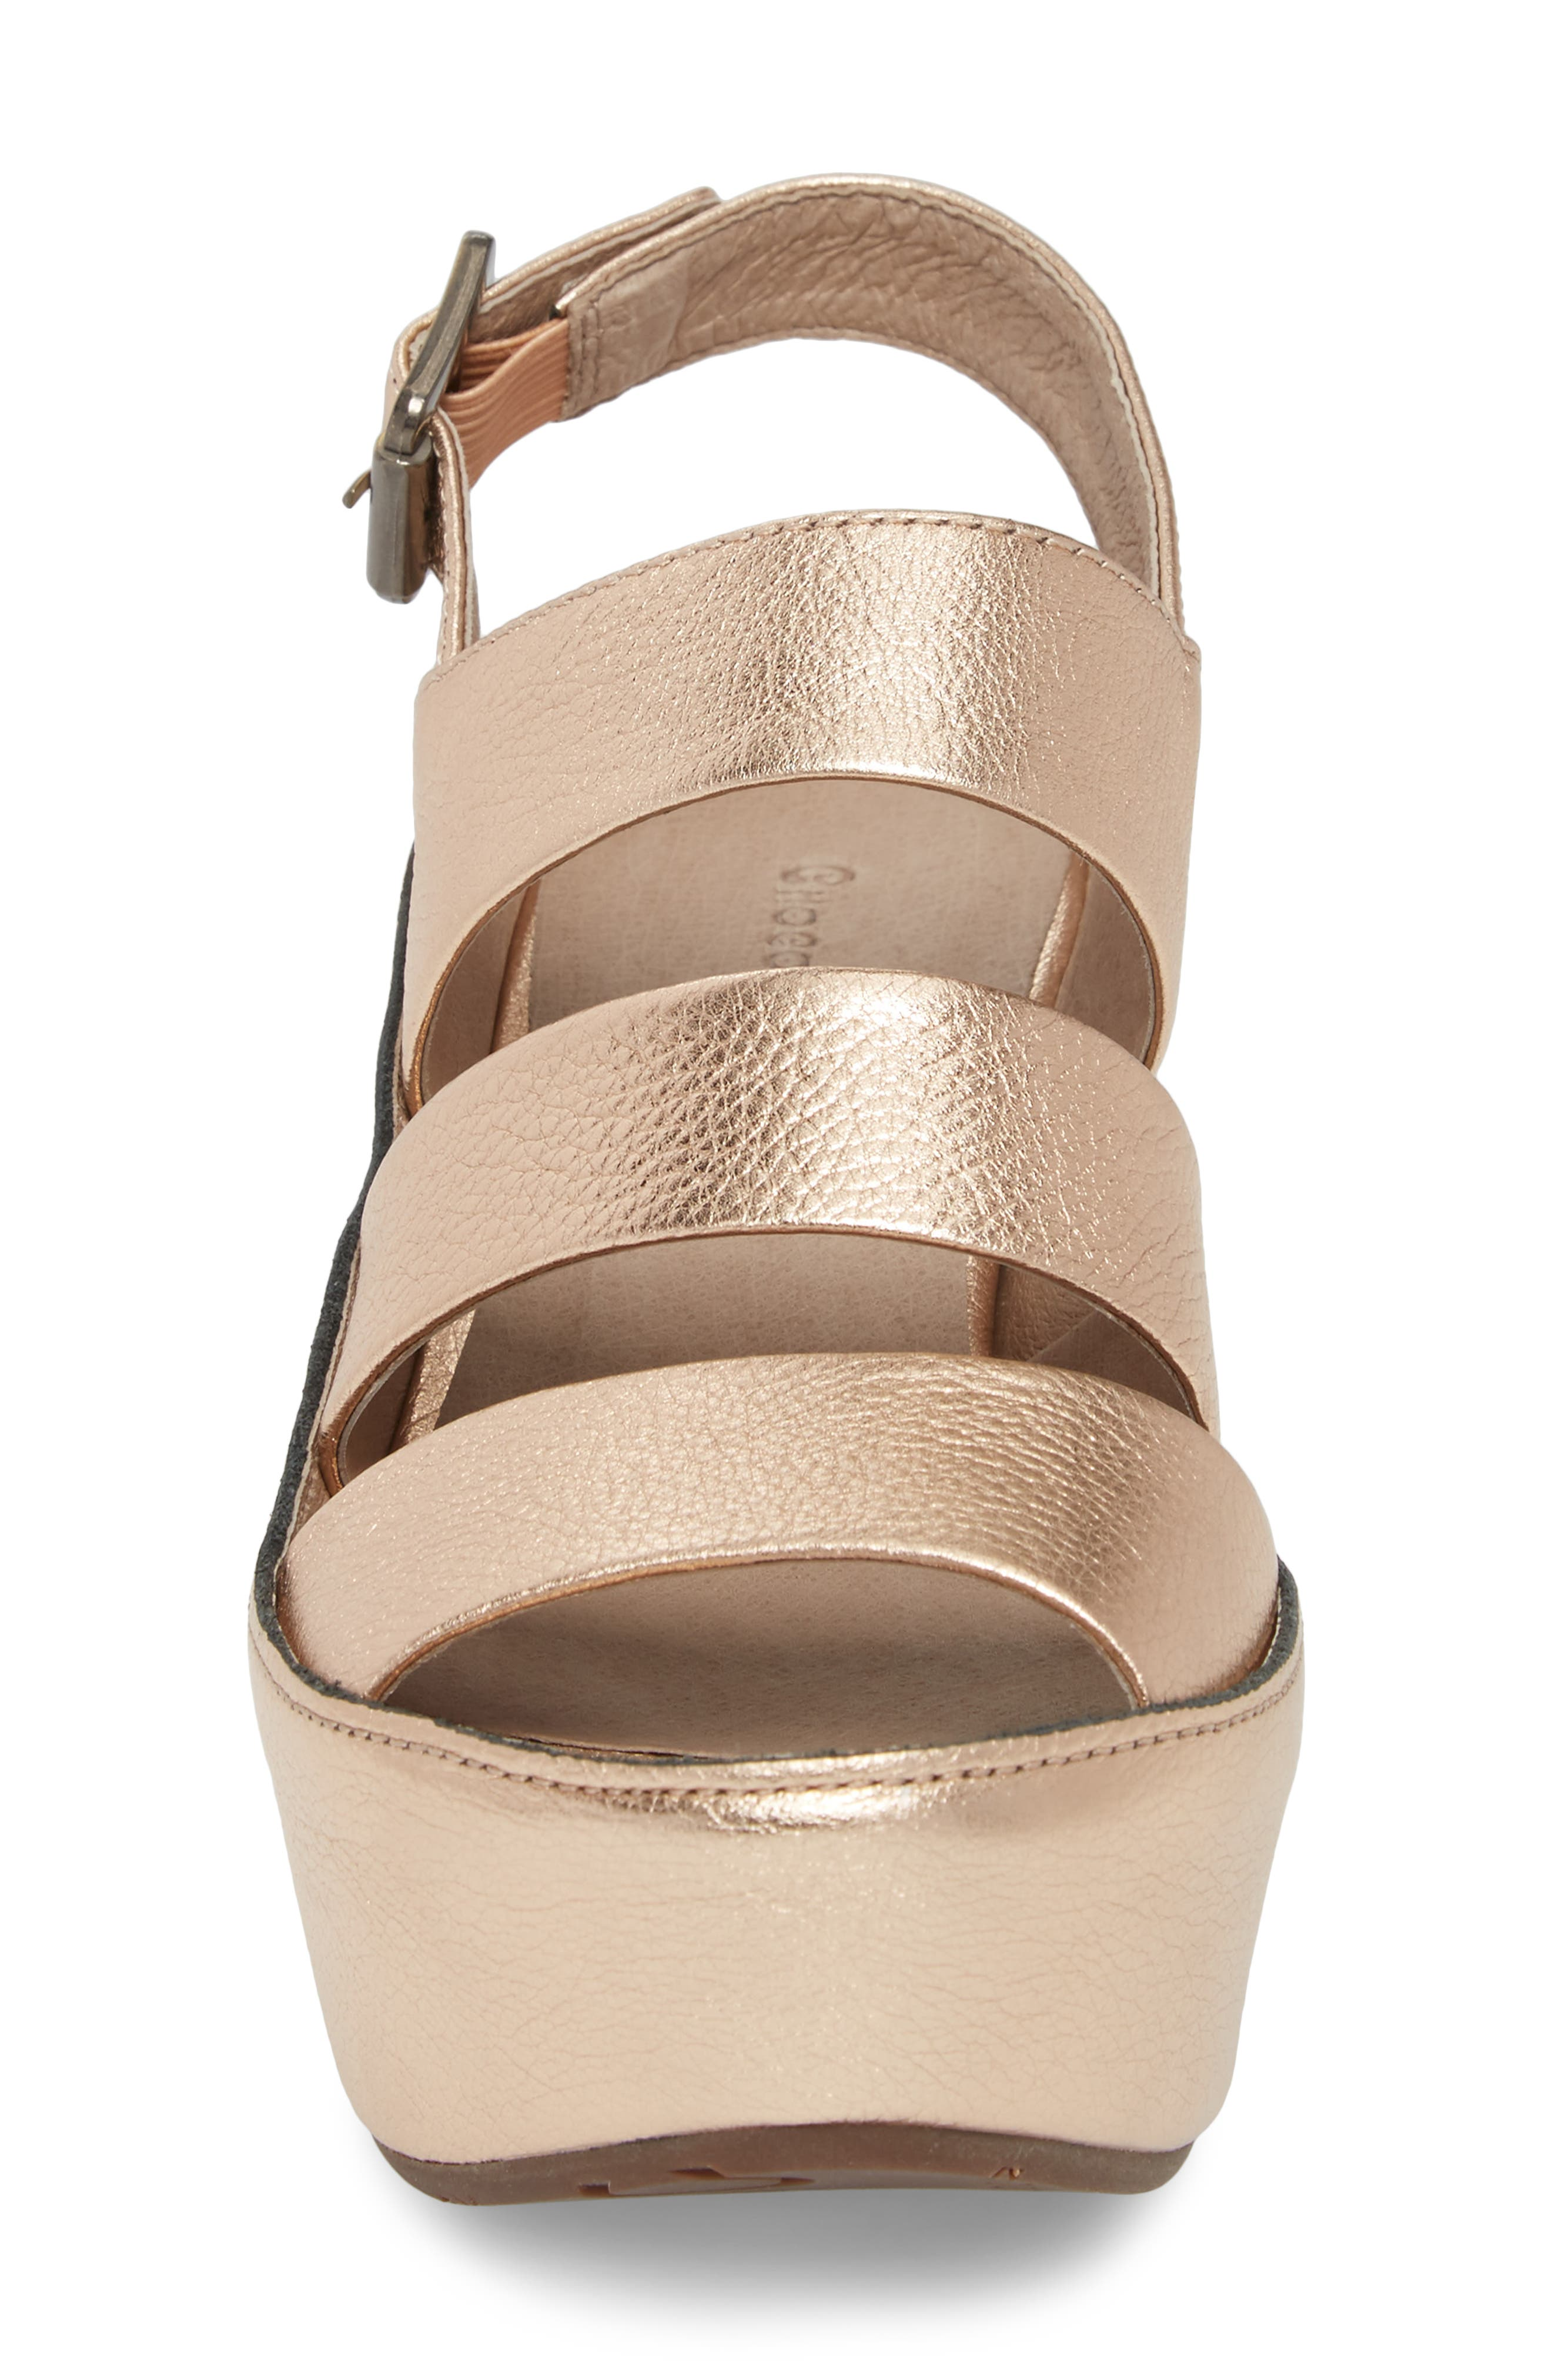 Windsor Platform Wedge Sandal,                             Alternate thumbnail 4, color,                             Rose Gold Leather